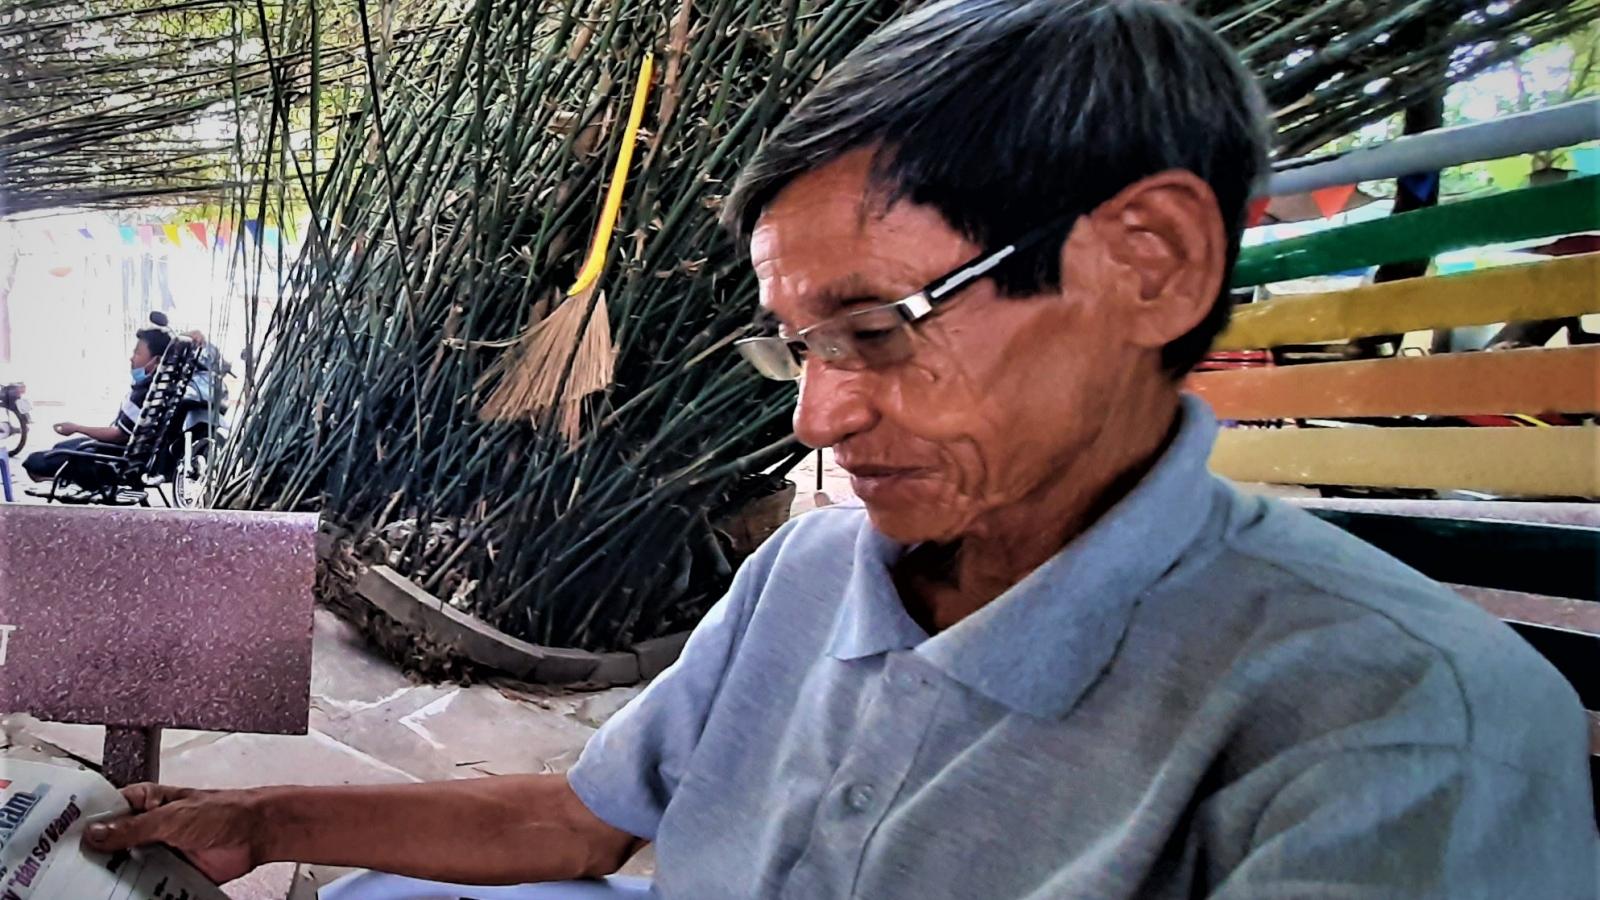 Ông Ninh Cao Phu: Người đàn ông đất Bắc, chống tiêu cực ở trời Nam